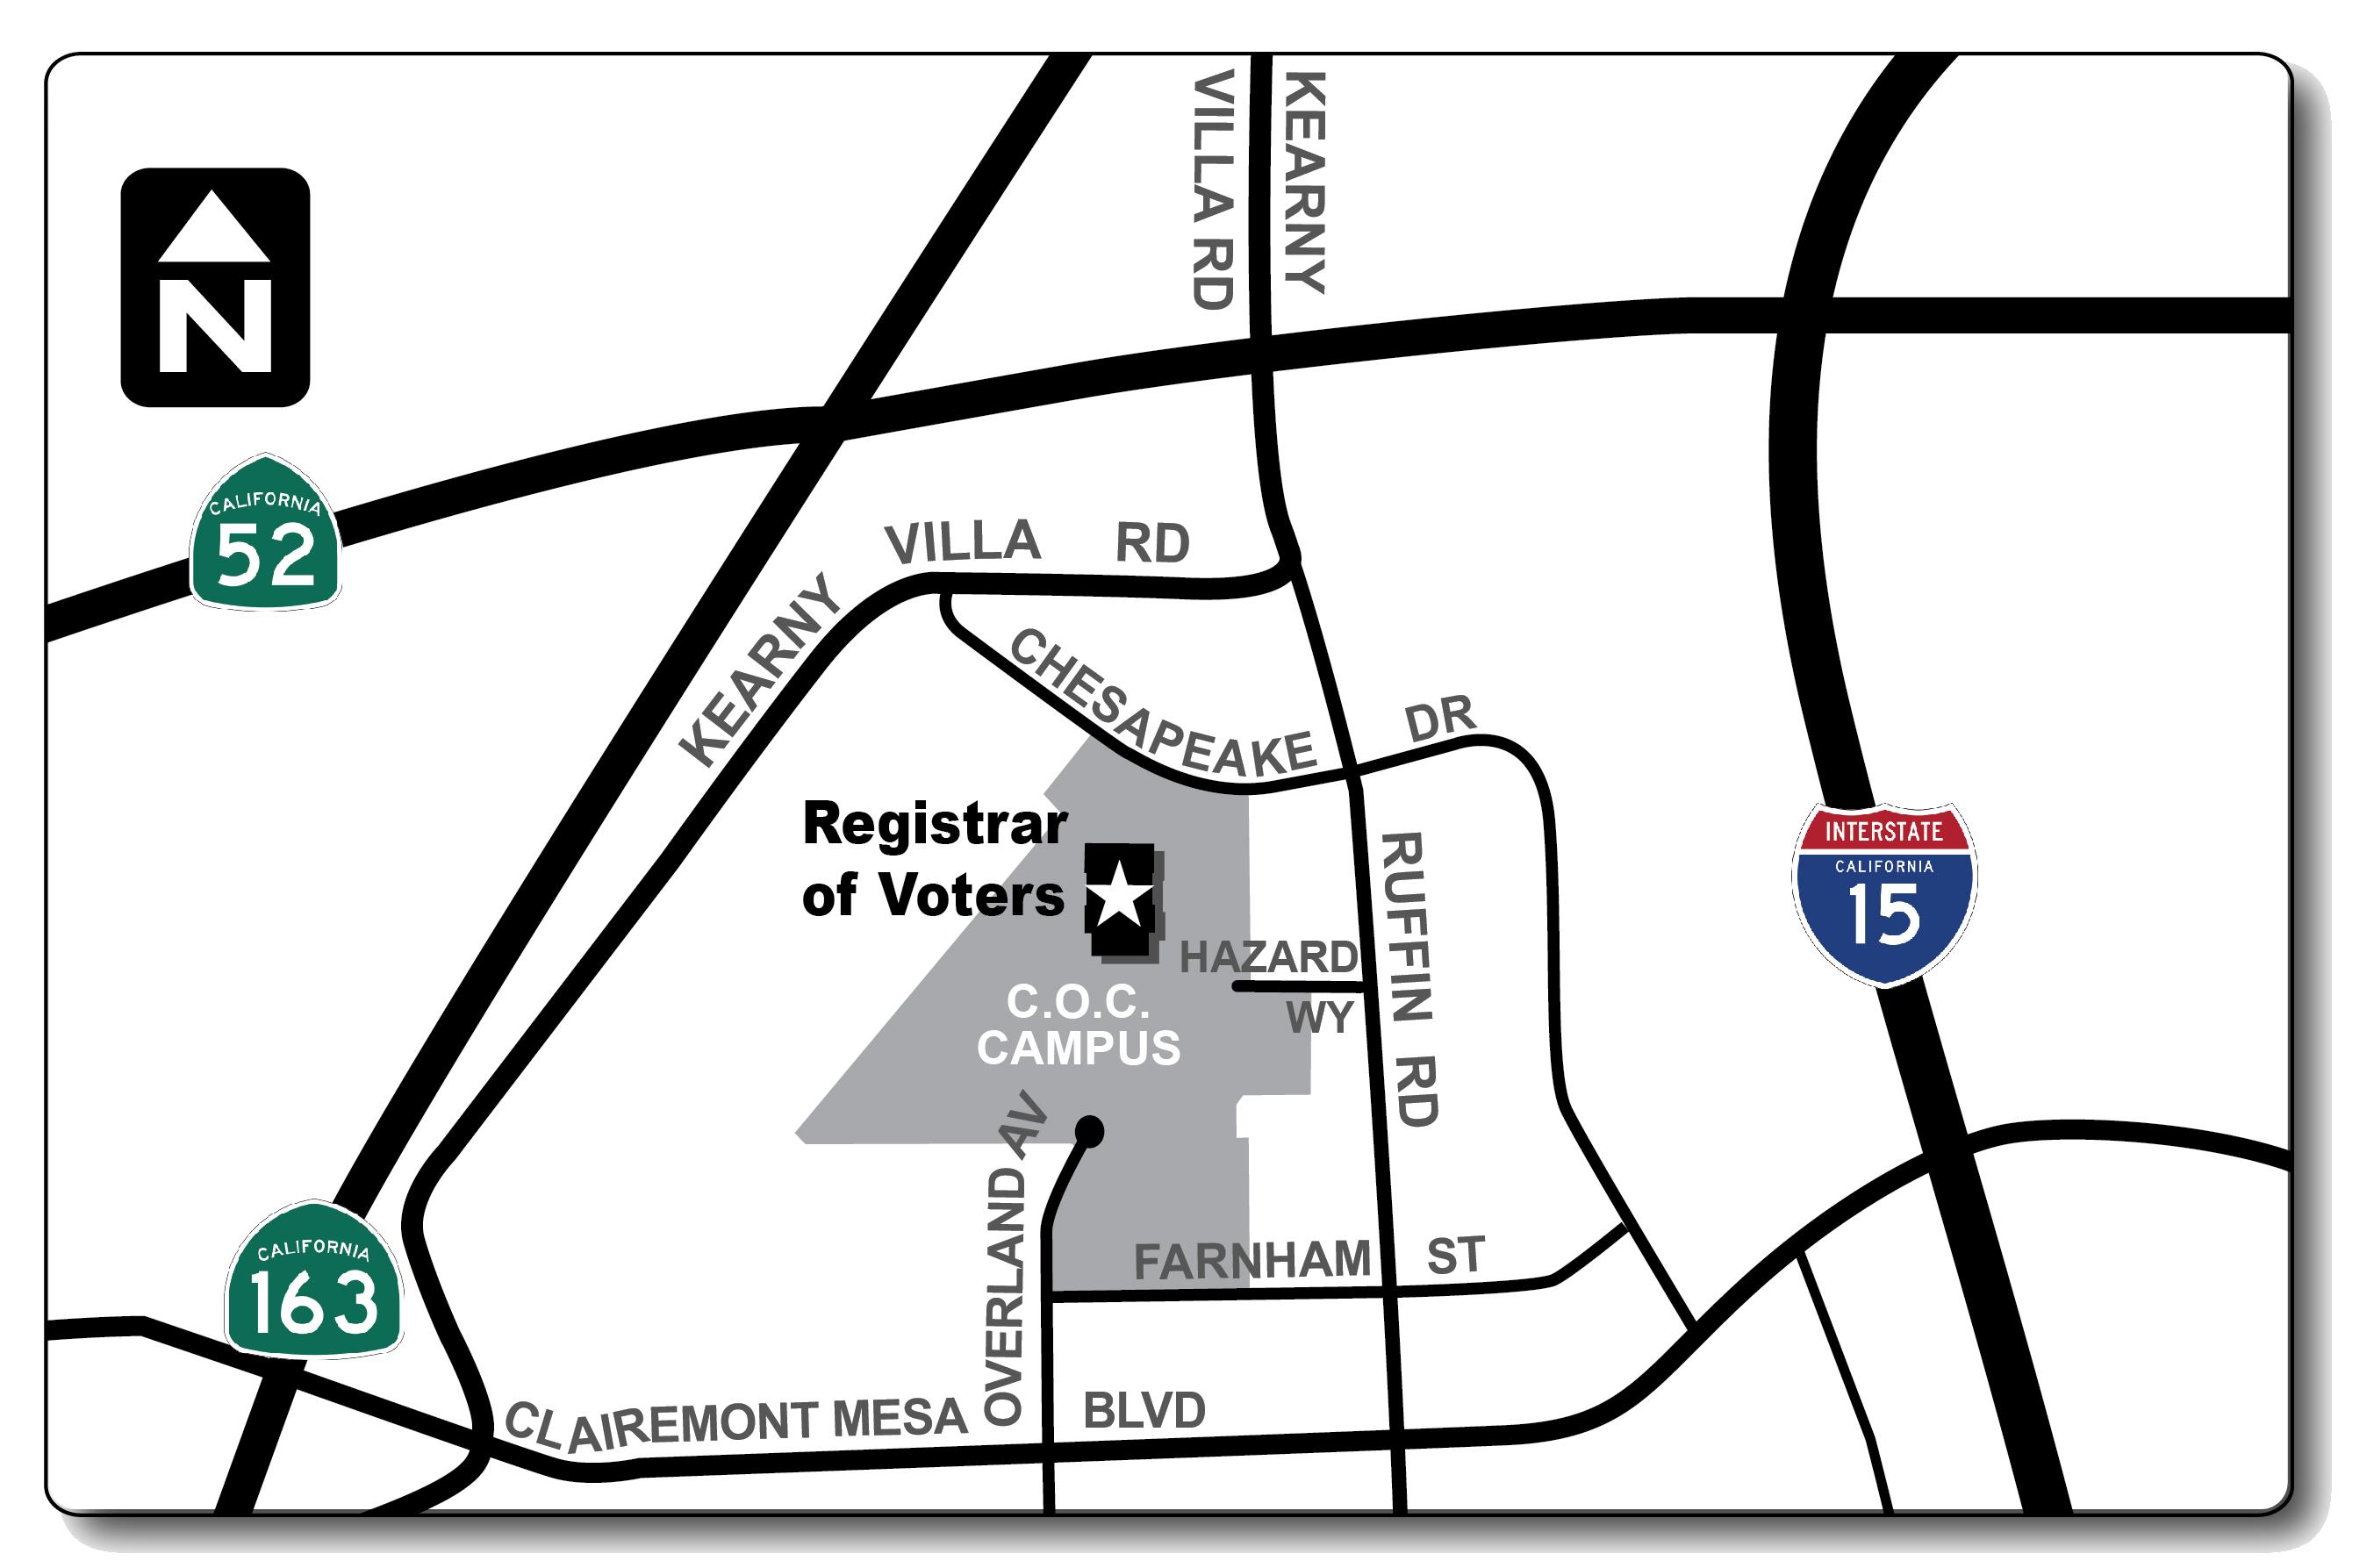 Contact Kearny Mesa Map on